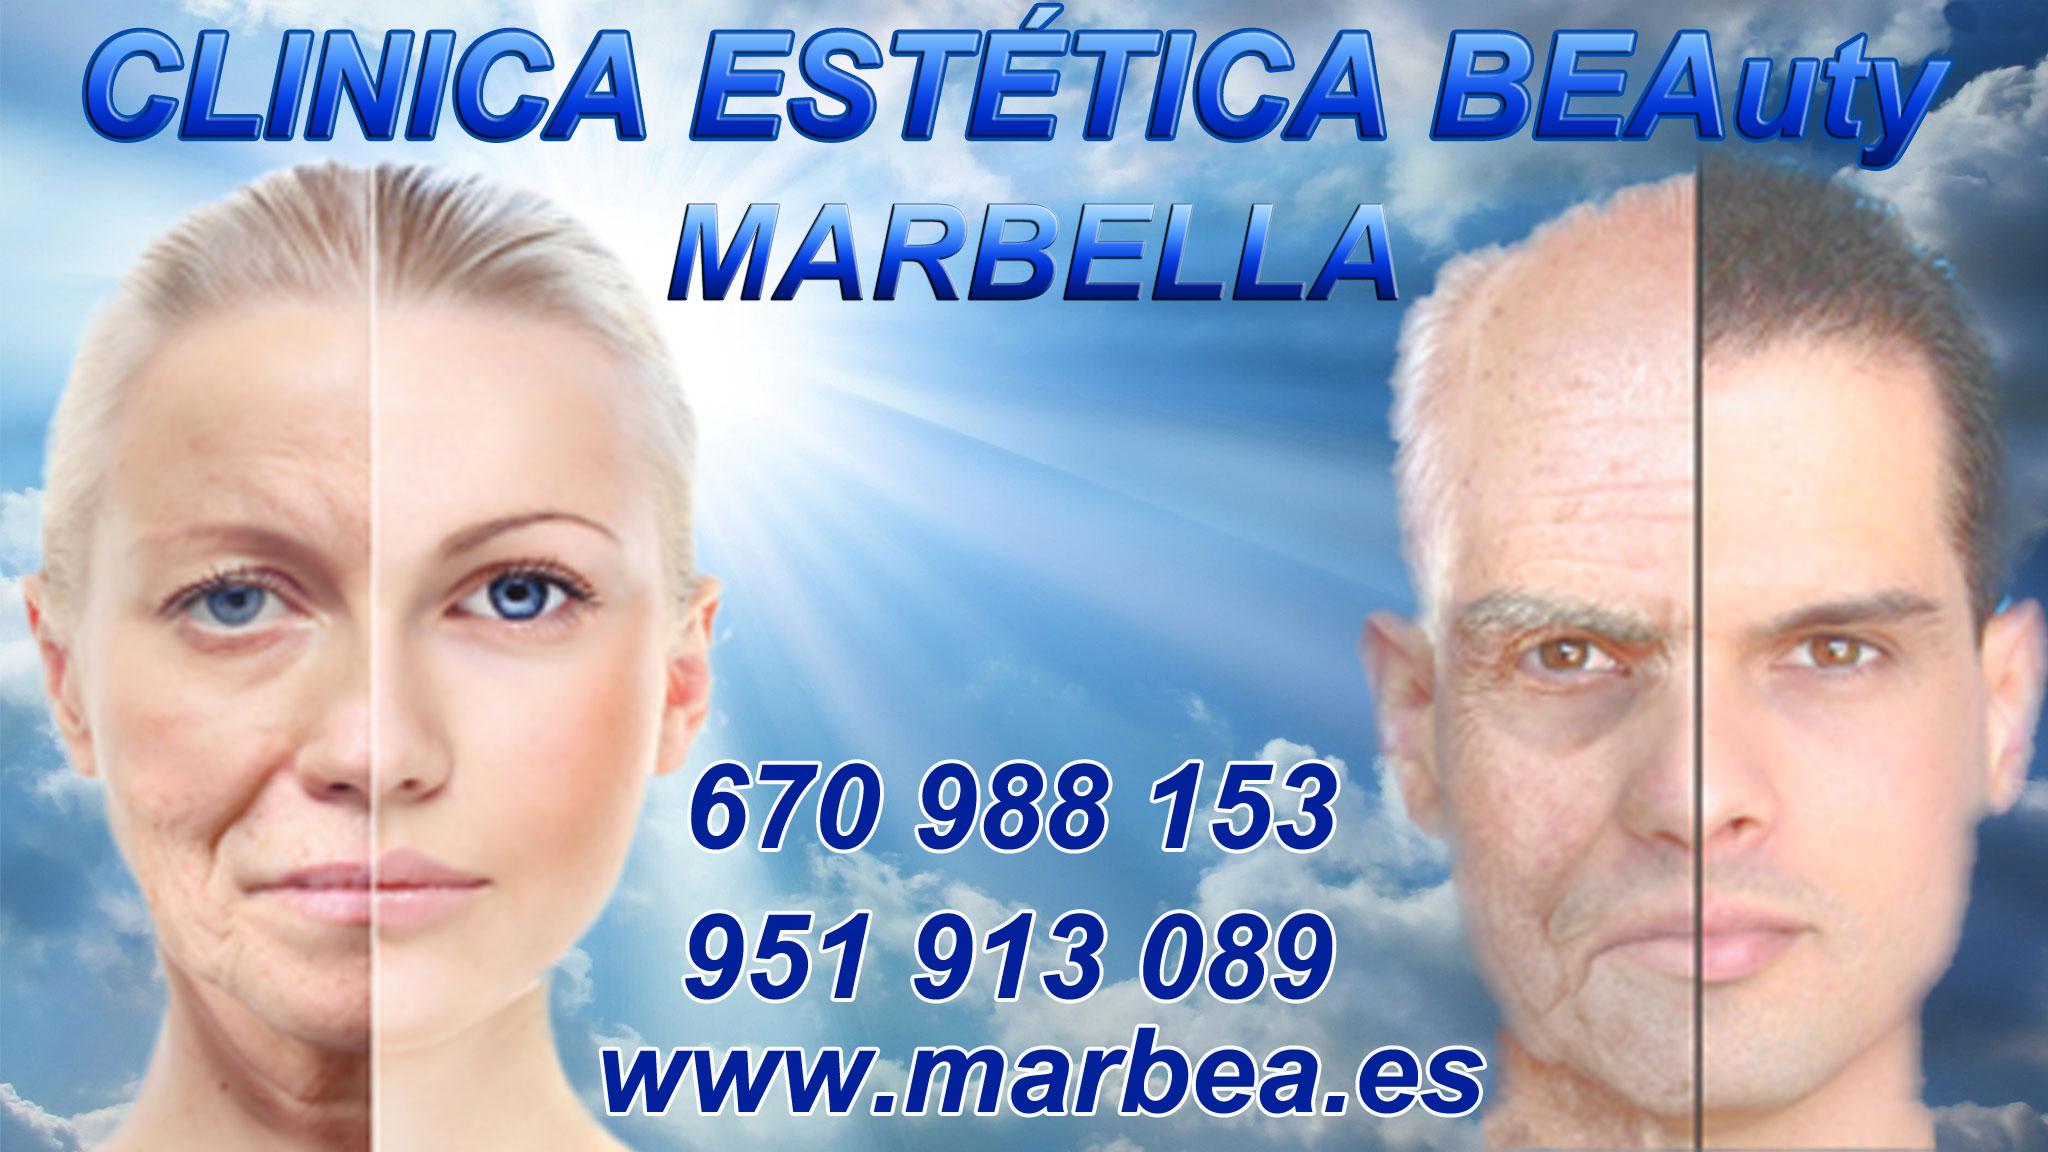 tratamientos para combatir la flacidez Marbella flacidez Marbella, eliminar la flacidez Marbella. Liposucción Sin Cirugía Marbella, eliminar flacidez en brazos Marbella. eliminar flacidez abdominal Marbella .|flacidez abdominal mujeres Marbella. tratamiento más efectivo para tratar la flacidez Marbella.